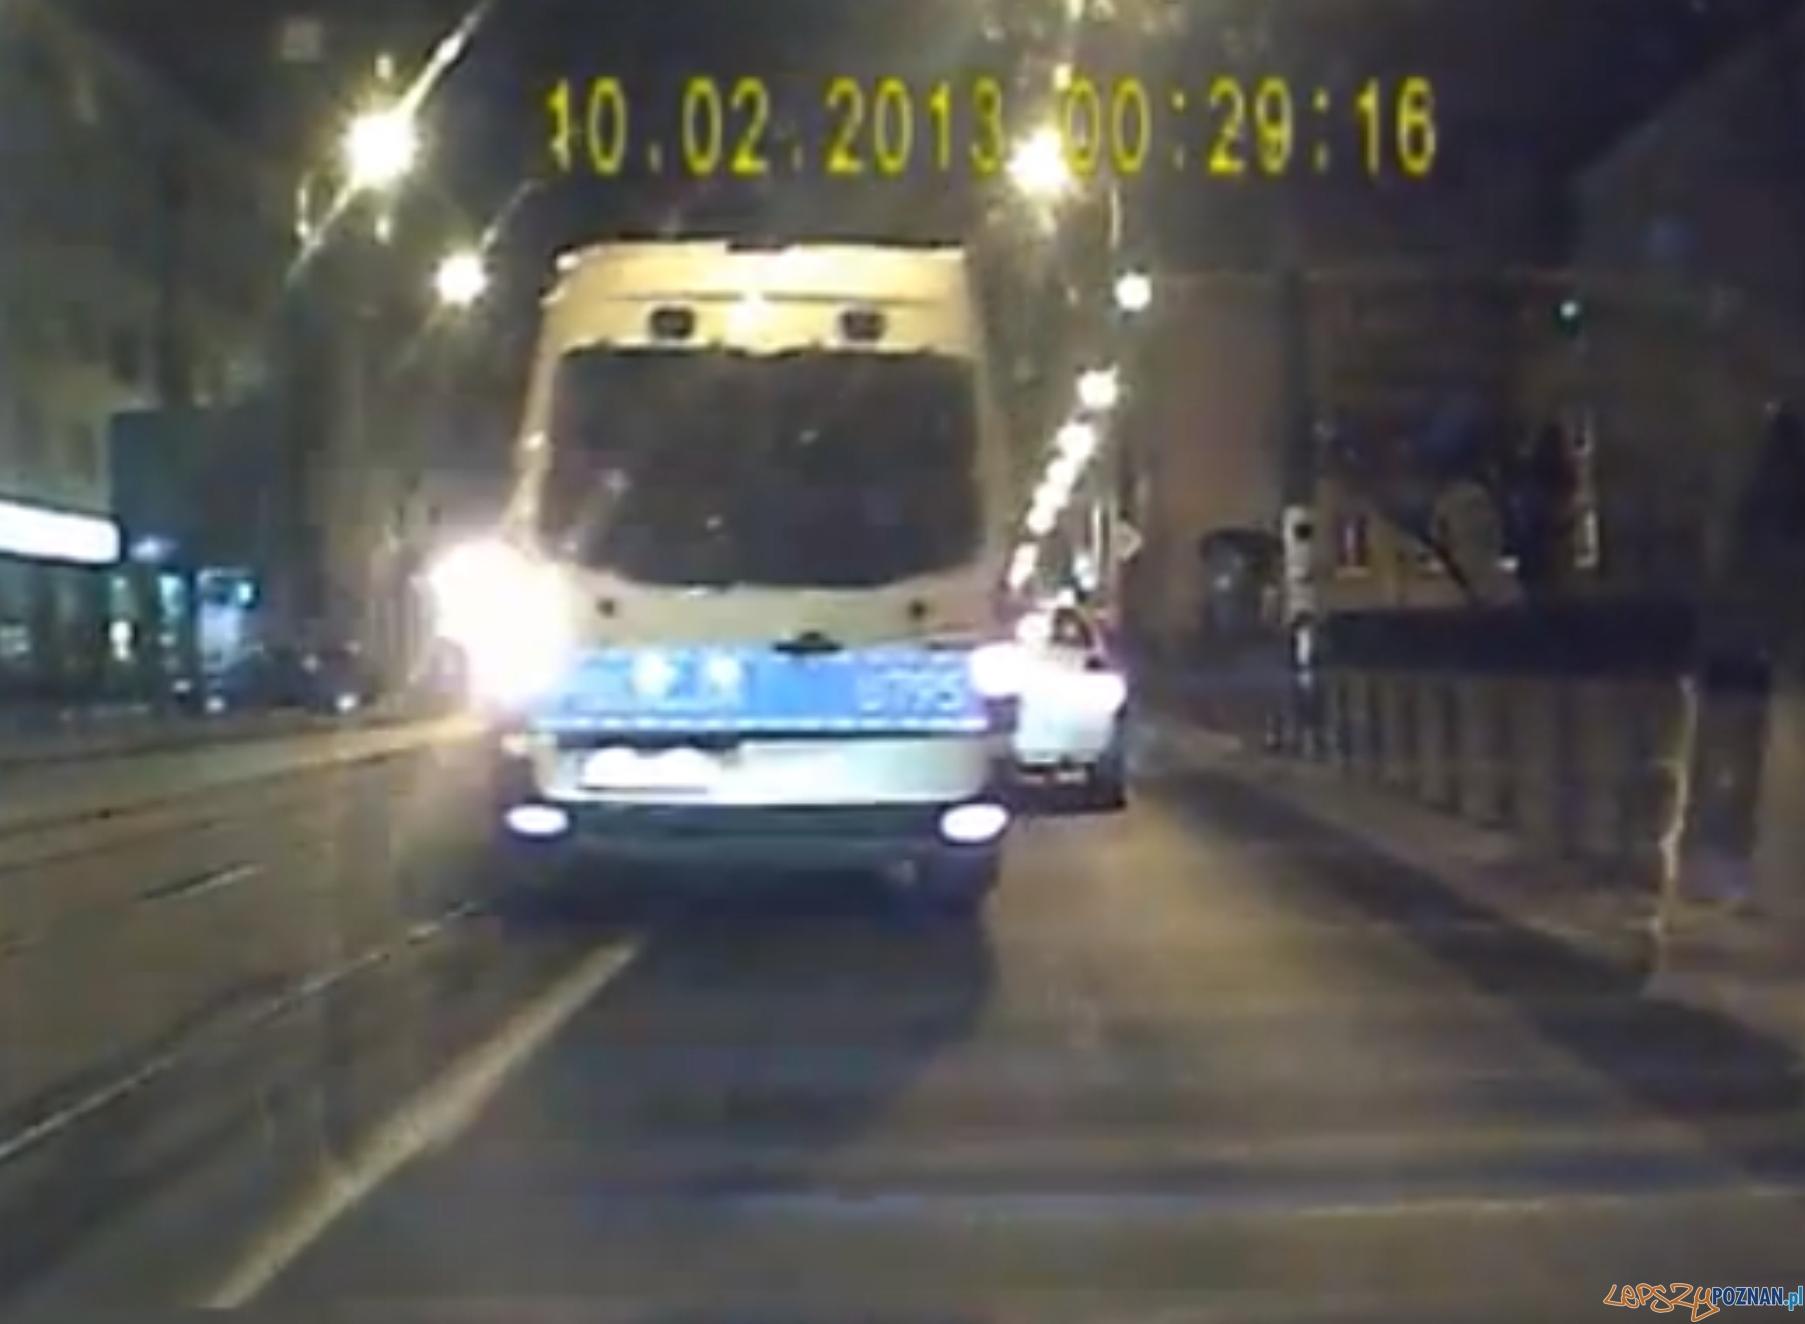 Radiowóz wyprzedza na linii ciągłej  Foto: youtube - PolmozbytPoznan